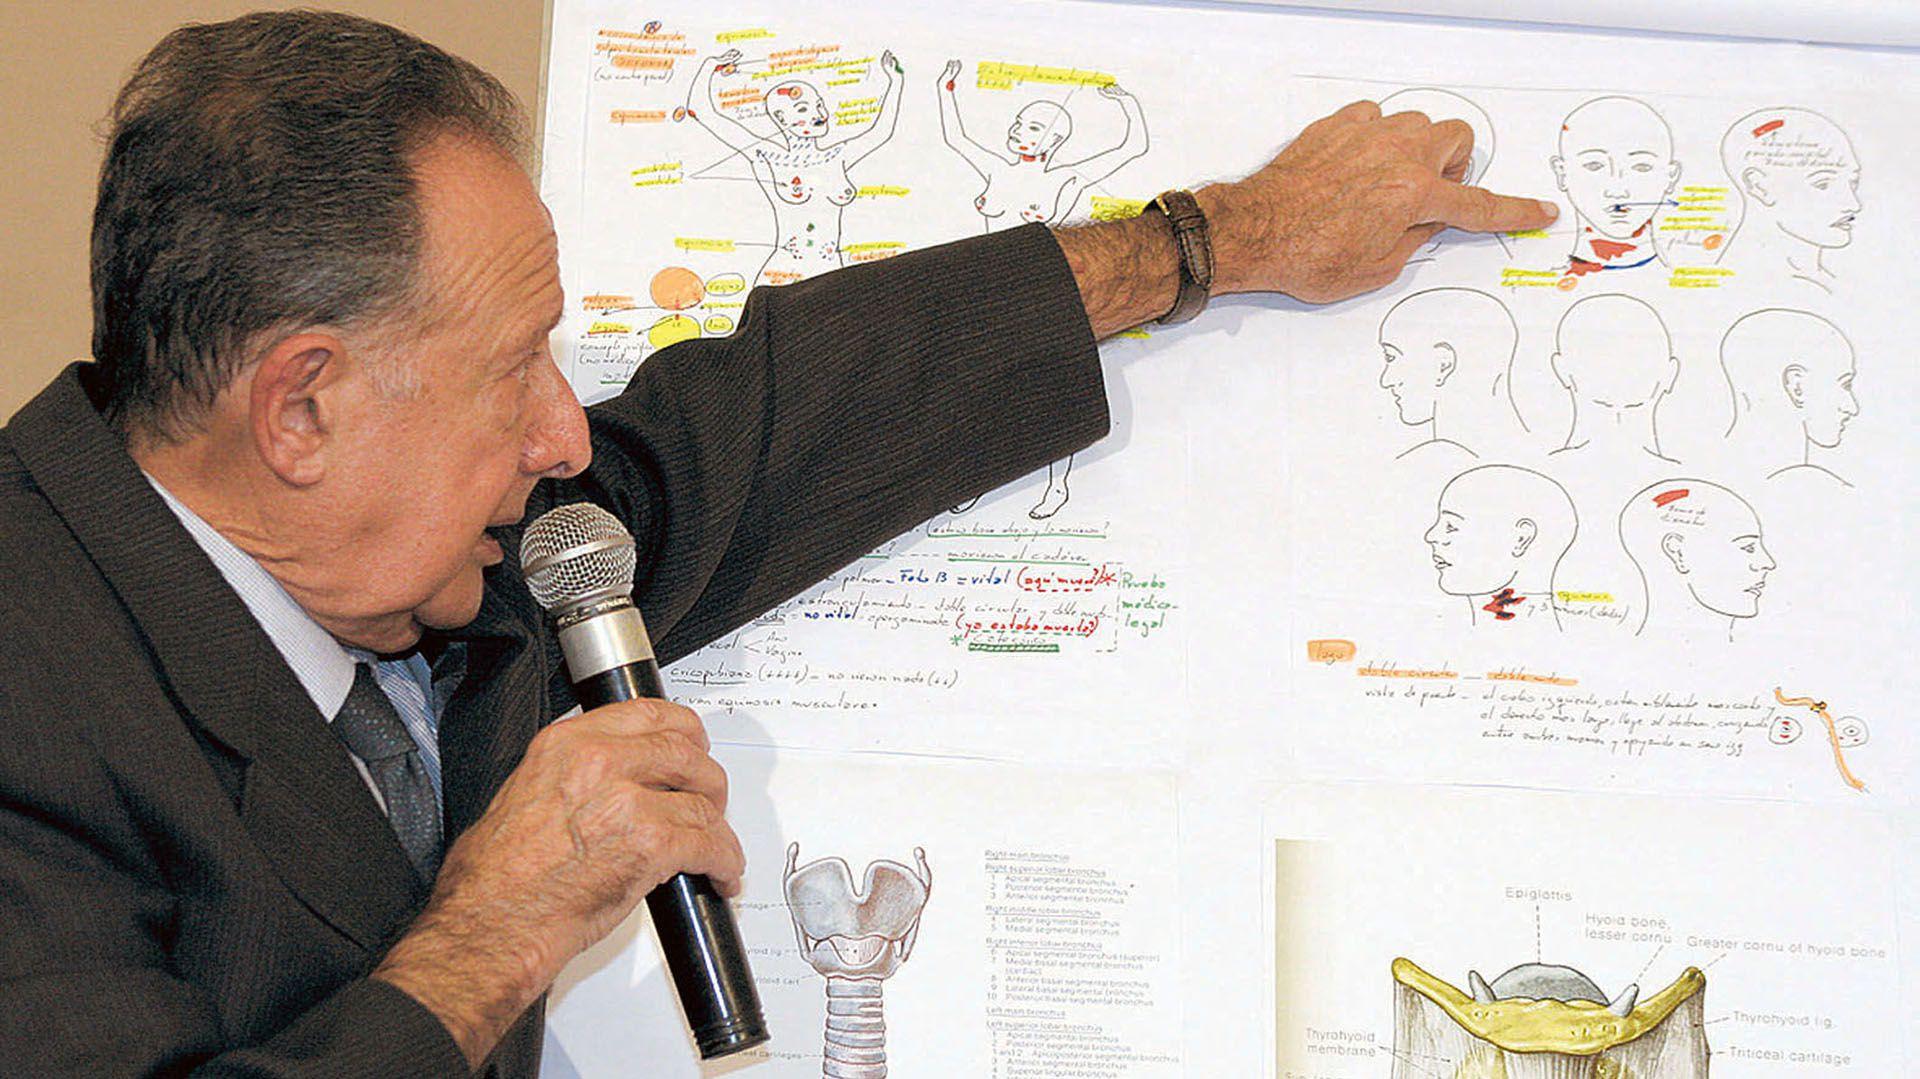 Osvaldo Raffo fue perito y explicó el caso dalmasso. Estaba convencido sobre quién era el criminal, pero se llevó el secreto a la tumba (Foto: NA)